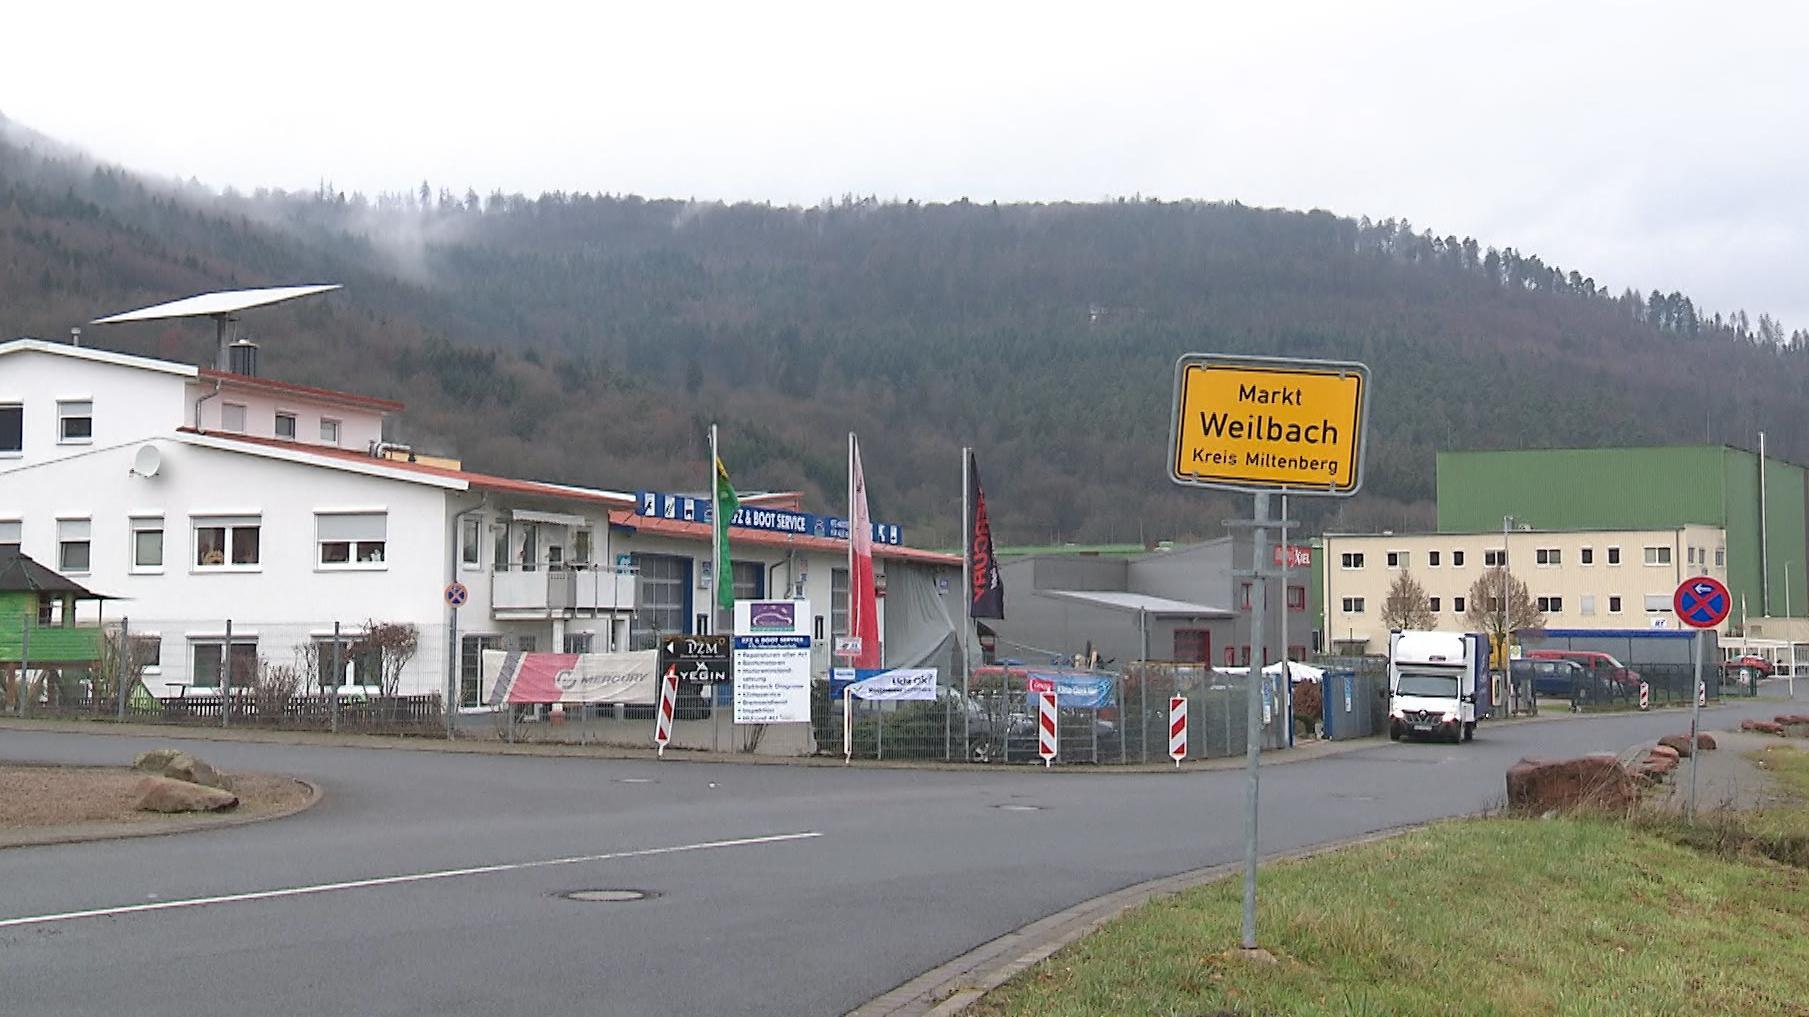 Ortsschild Markt Weilbach